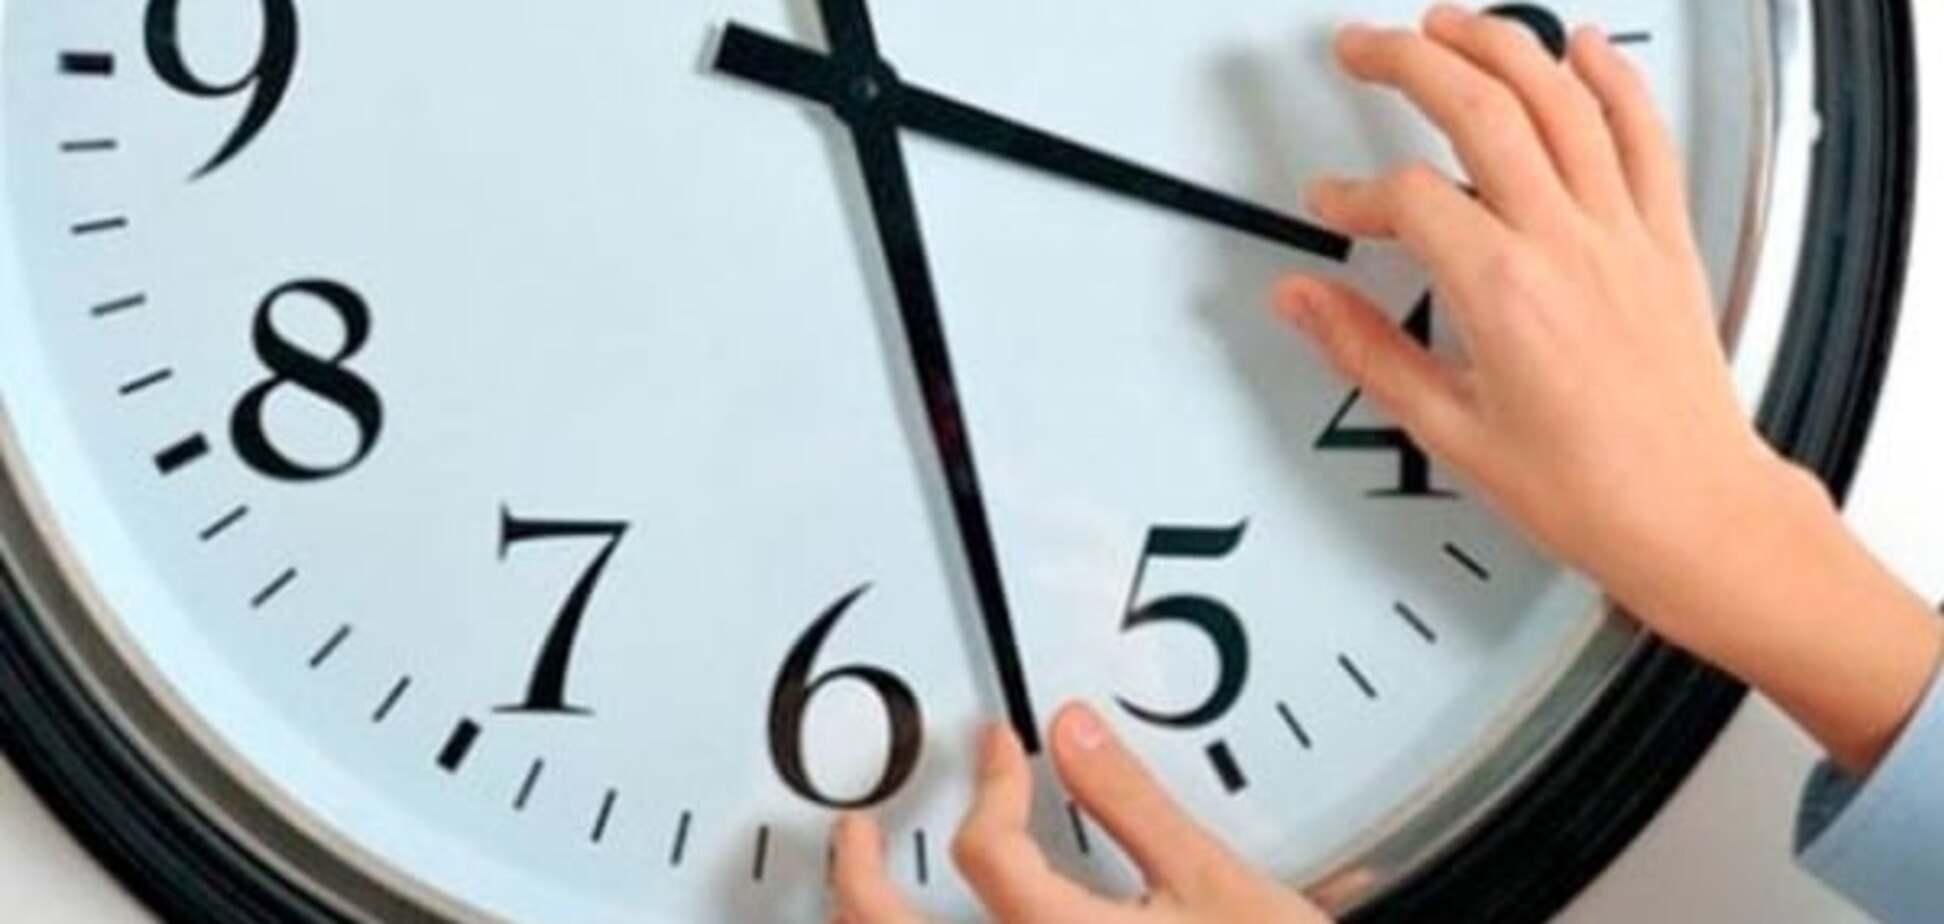 Что нужно знать каждому украинцу о переходе на зимнее время: секрет биологических часов организма